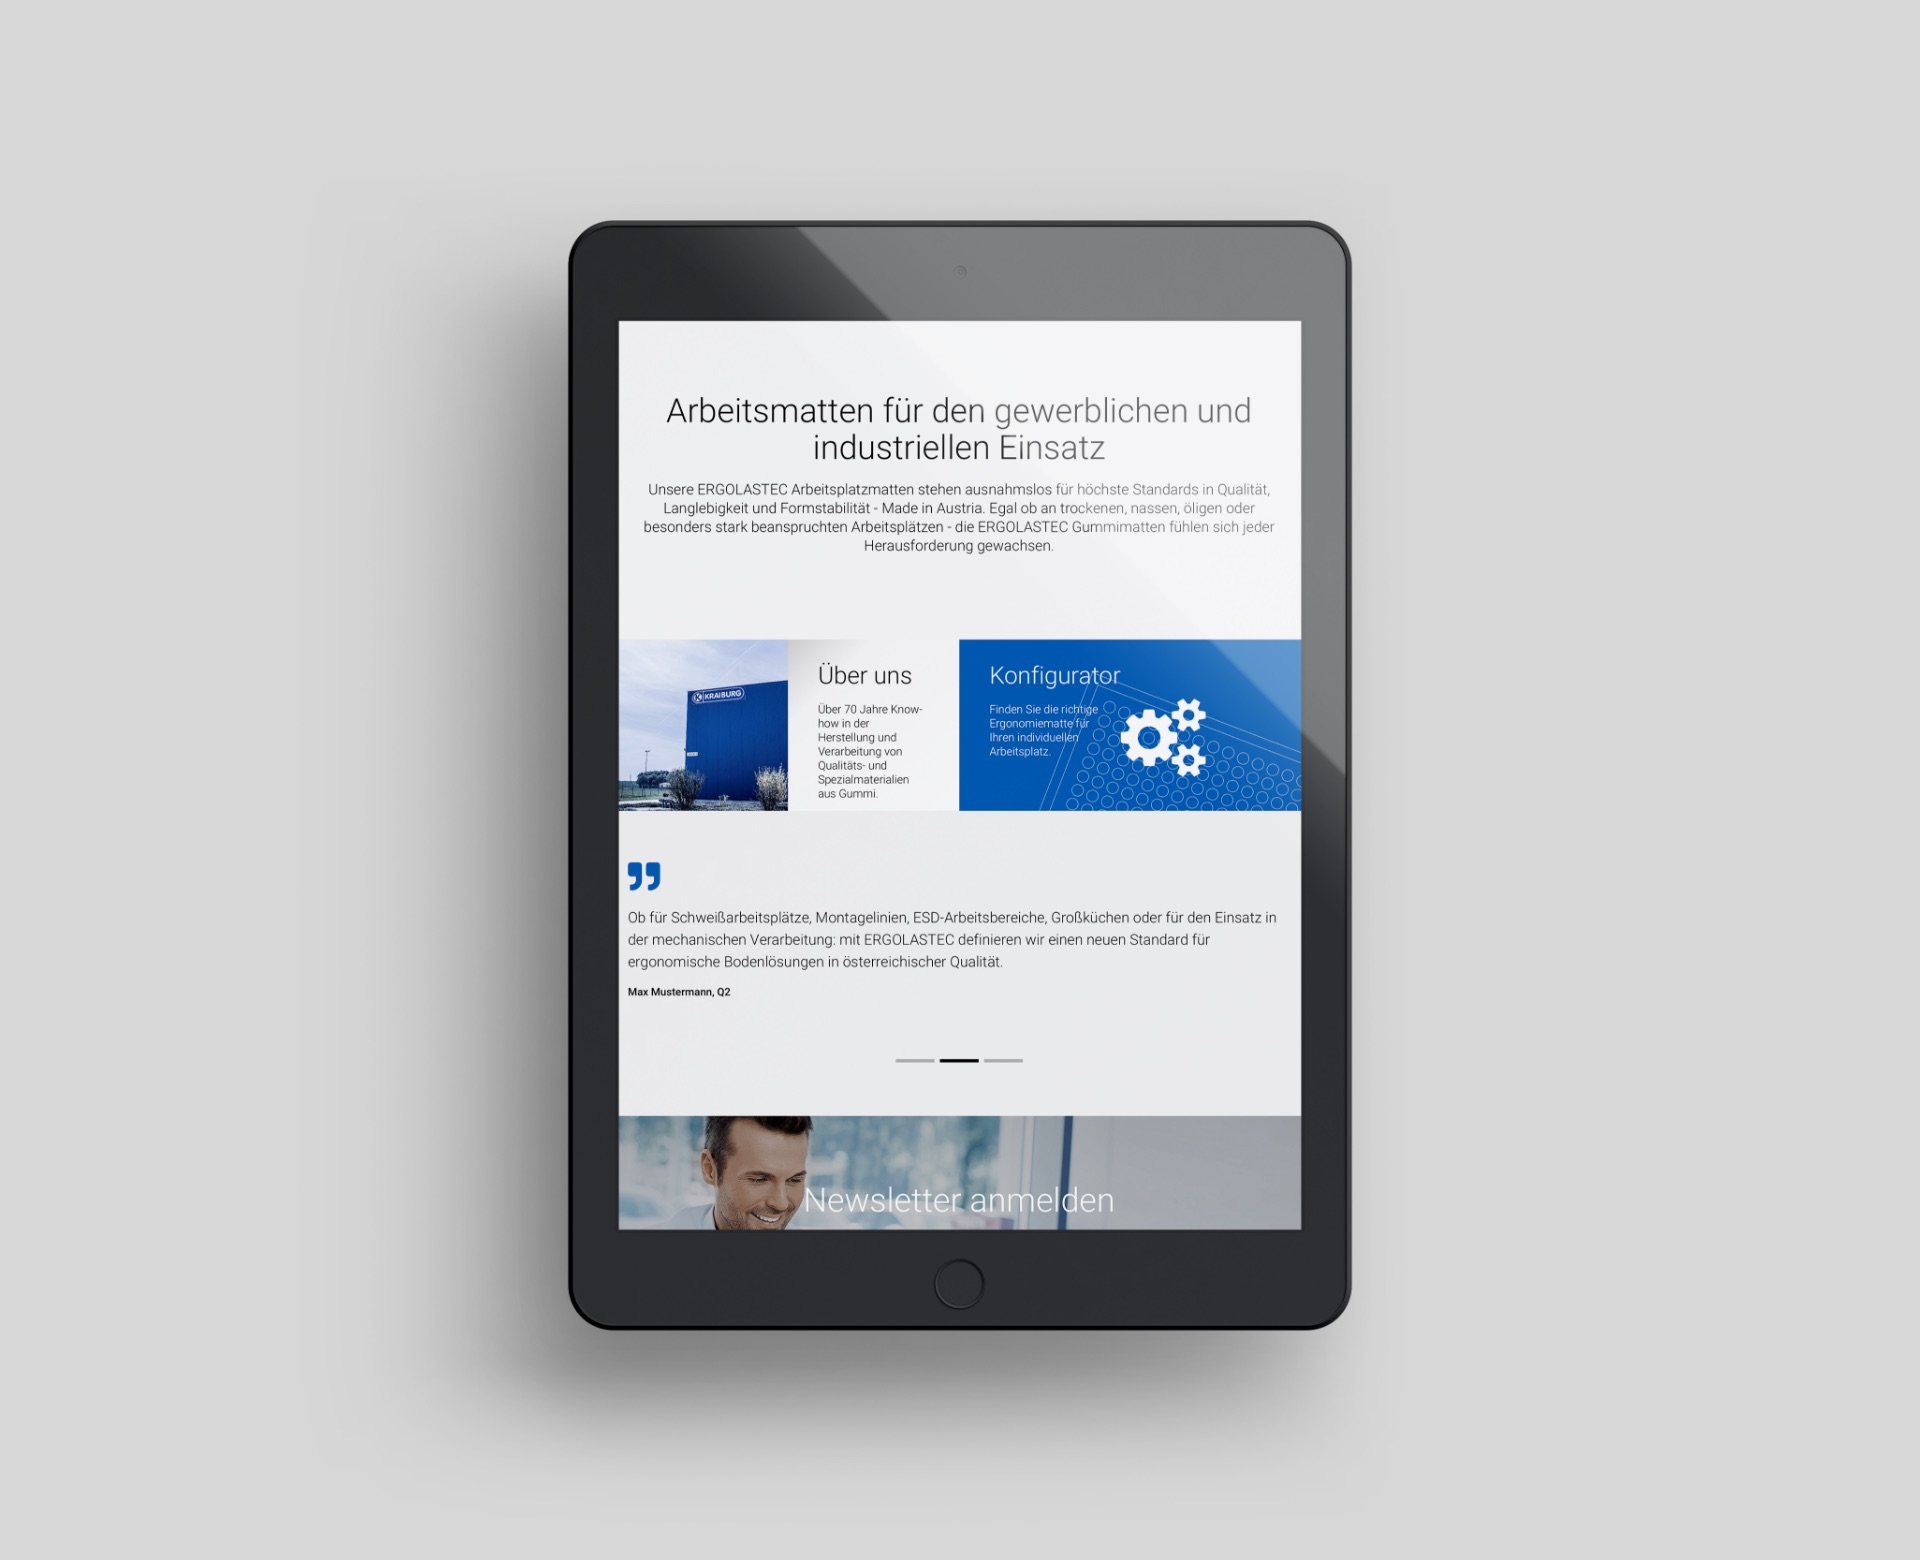 Q2 Werbeagentur, Kraiburg, Matting Systems, Webdesign